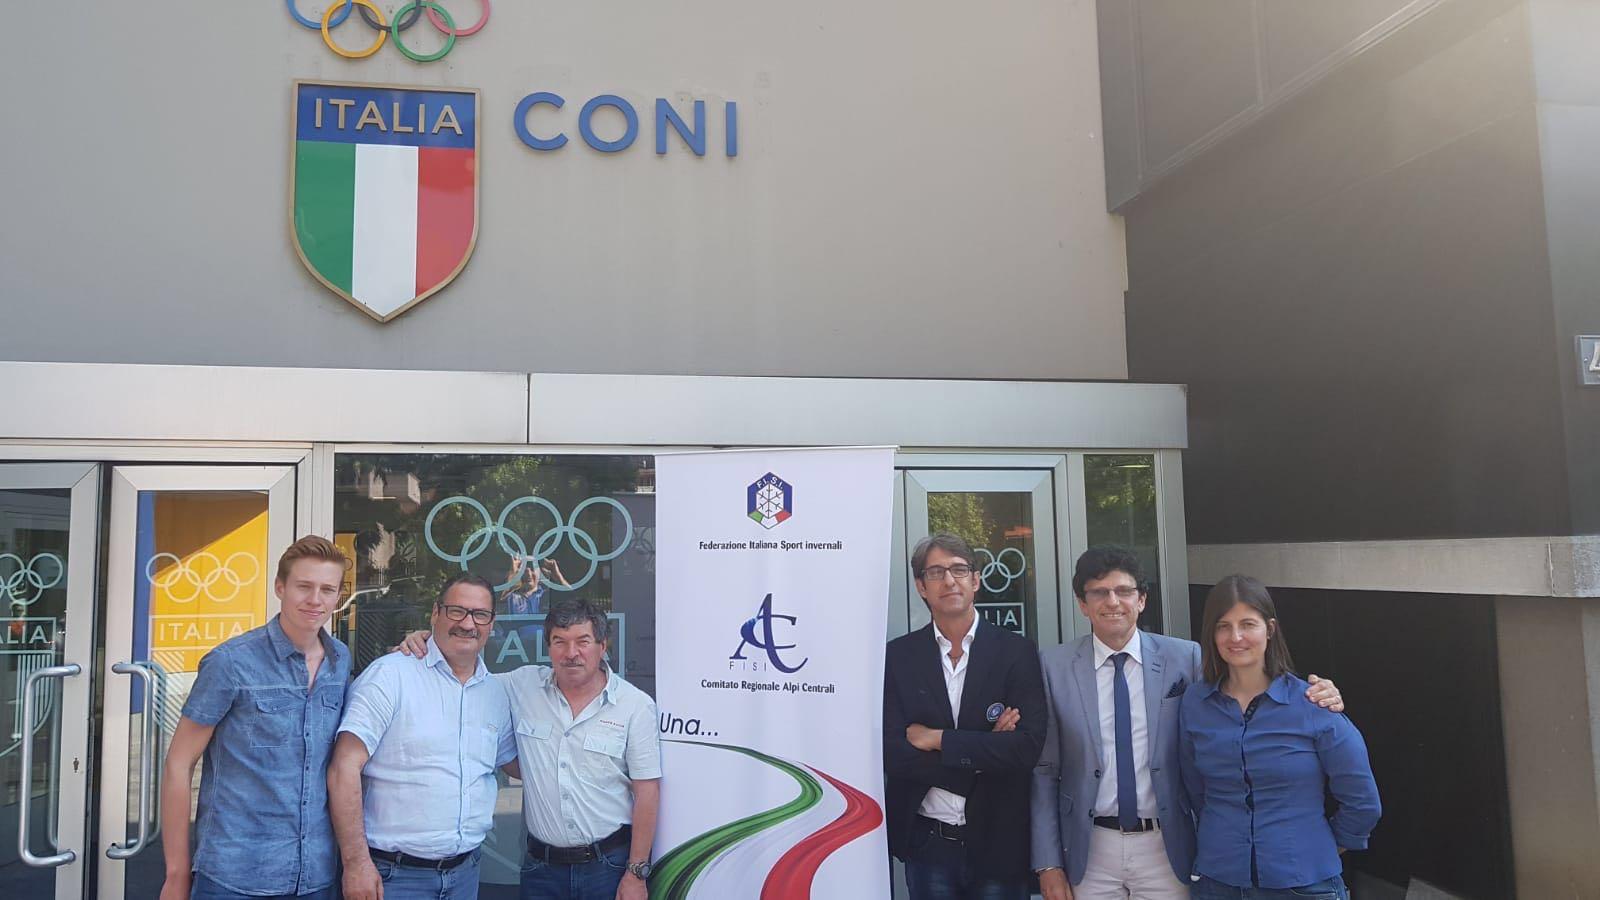 La Rappresentanza della FSSI incontra il Comitato Regionale FISI Alpi Centrali